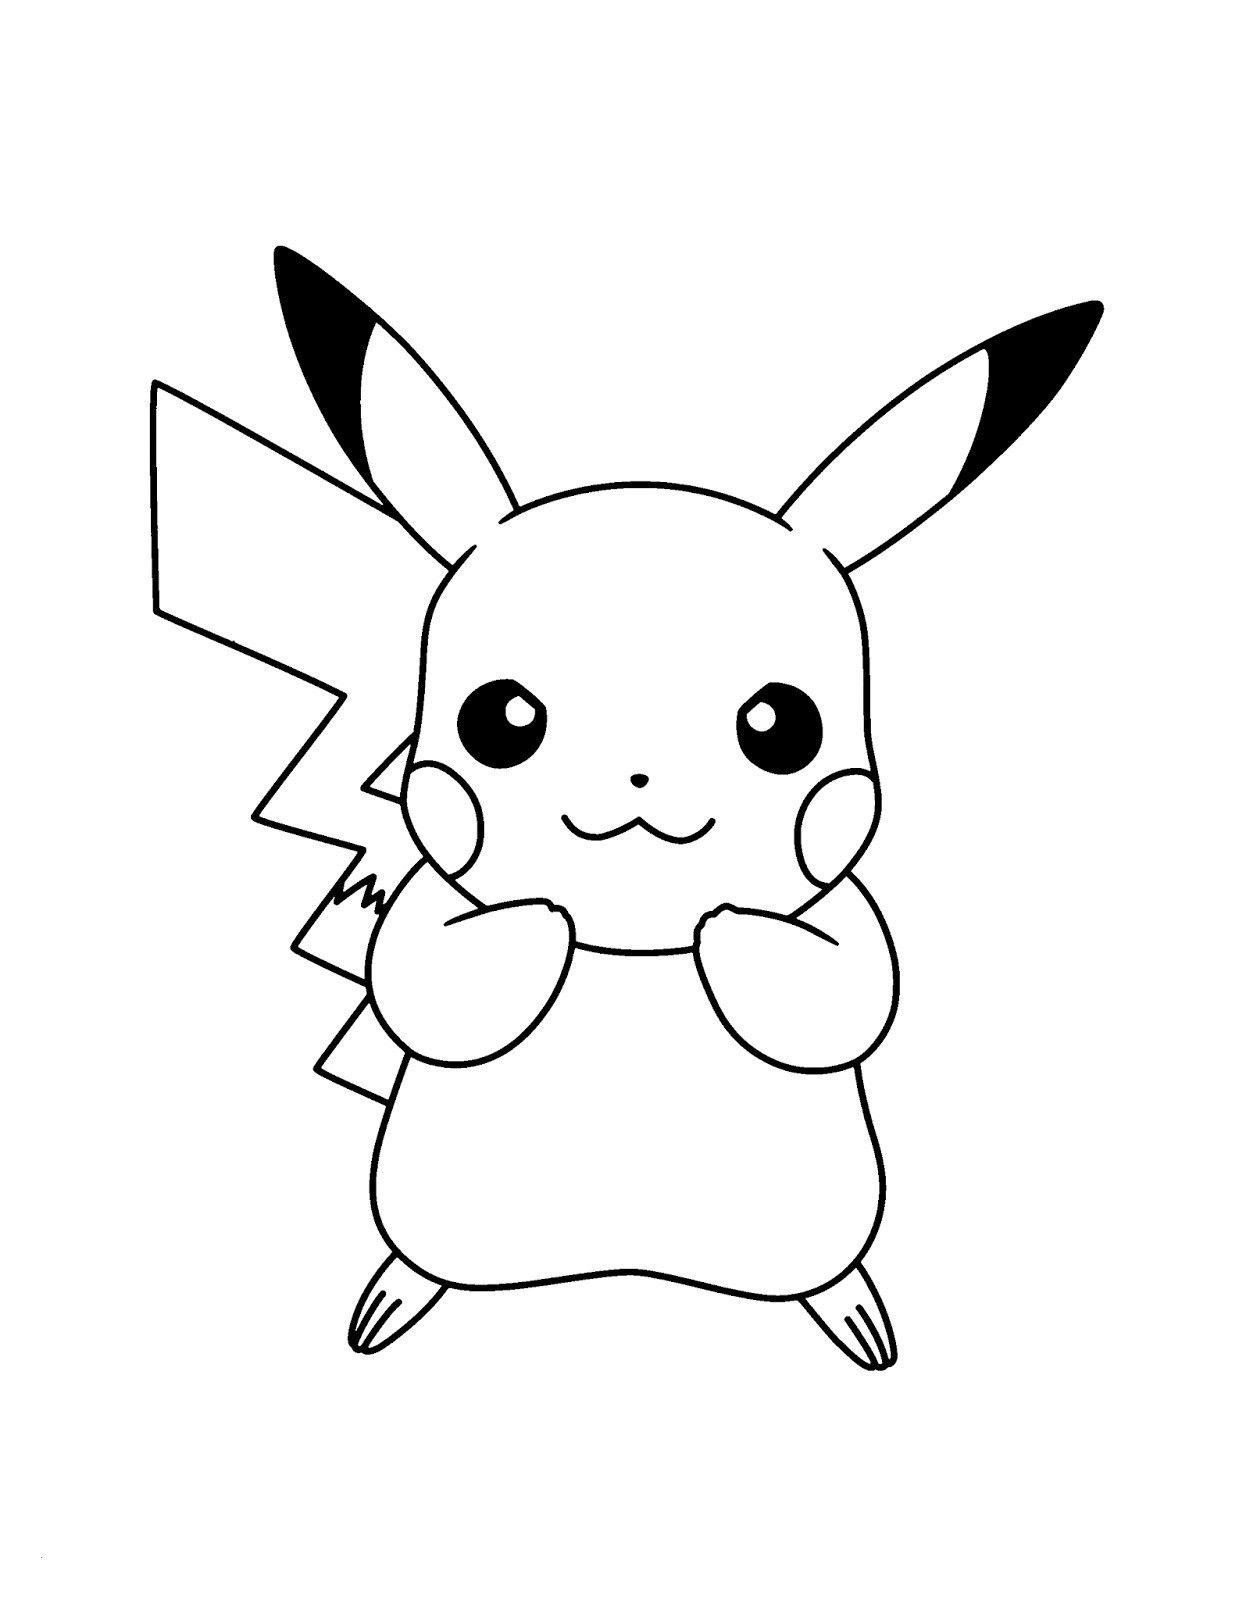 neu malvorlagen osterhasen ausdrucken  pokemon